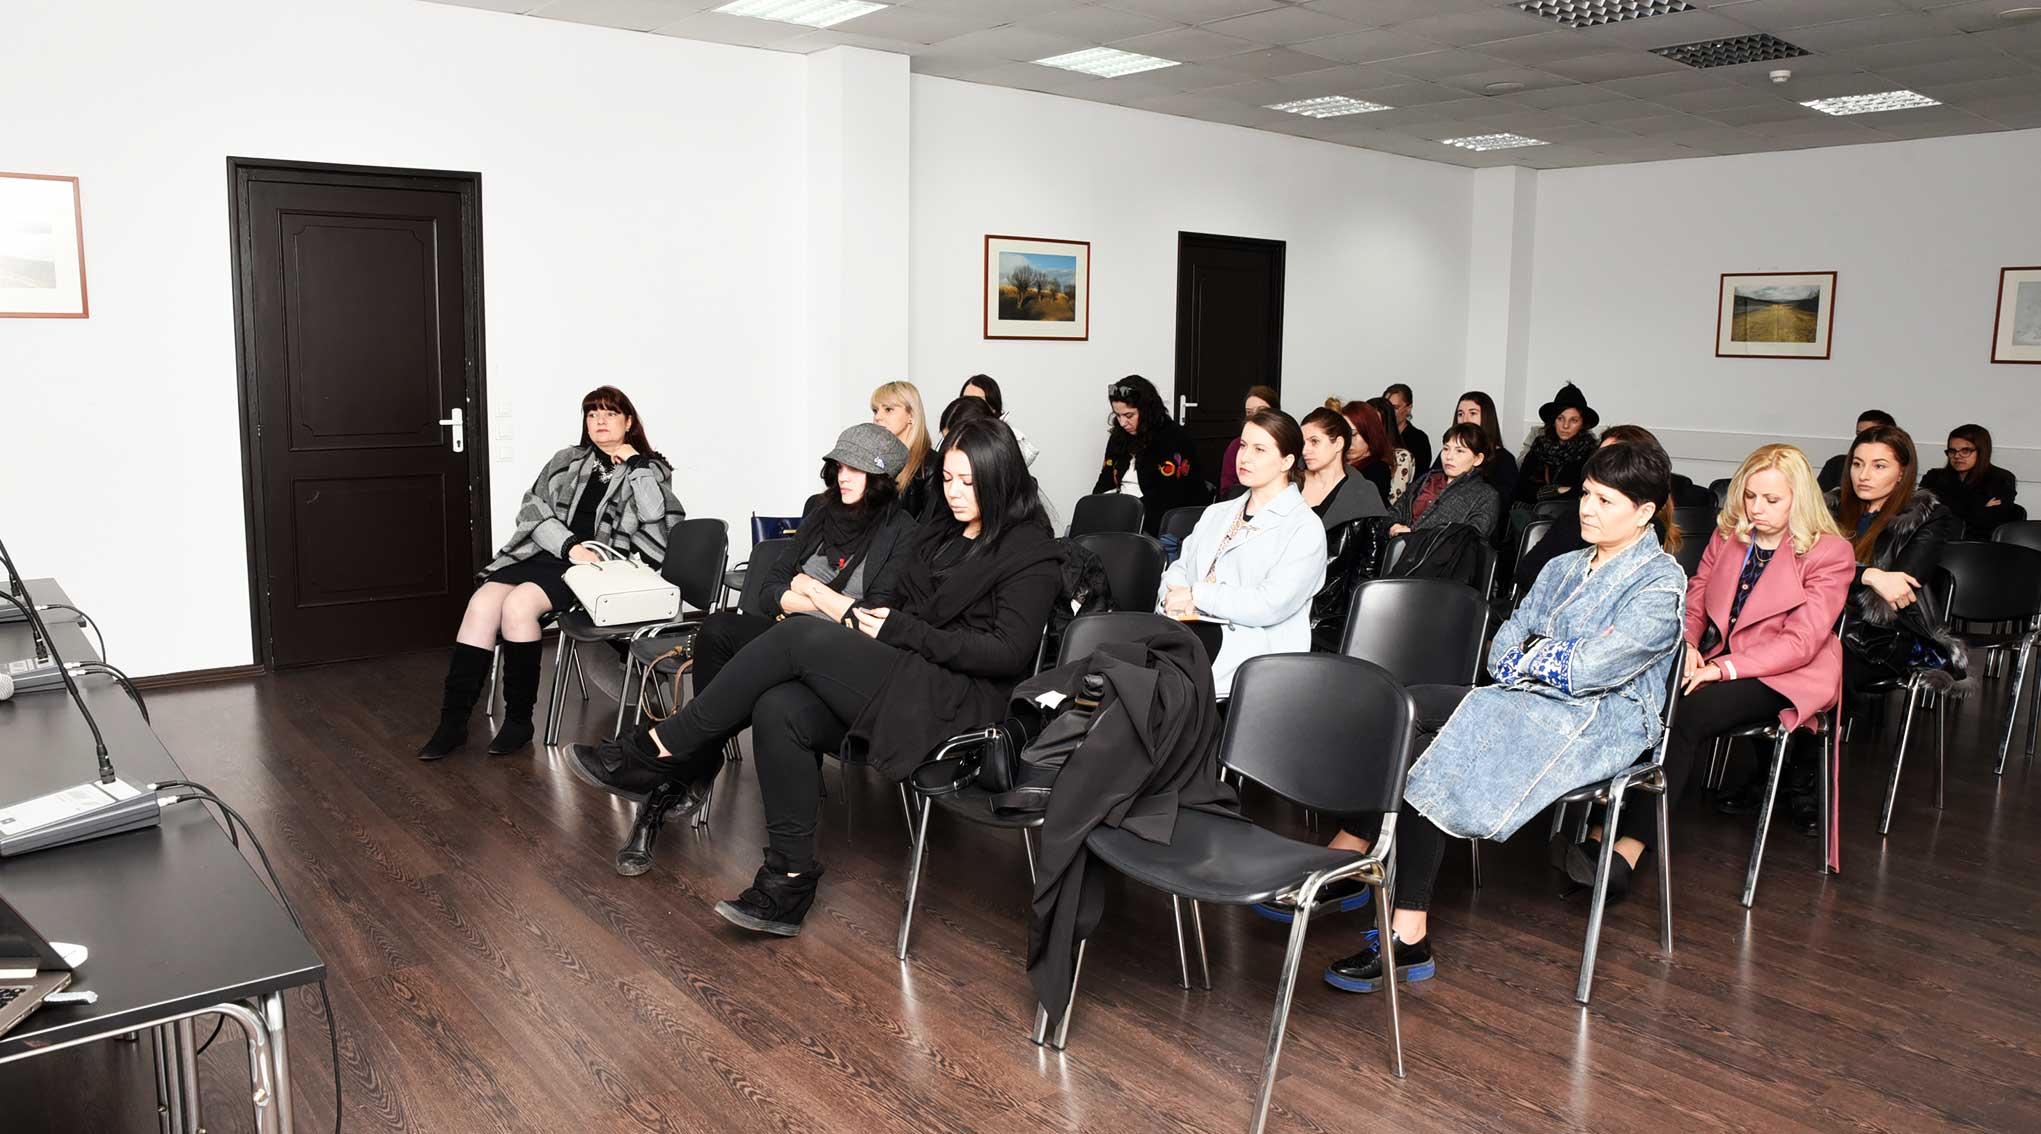 workshop-uri-demonstratii-si-conferinte-marca-atelierele-ilbah-pe-parcursul-a-4-zile-in-cadrul-romexpo-83